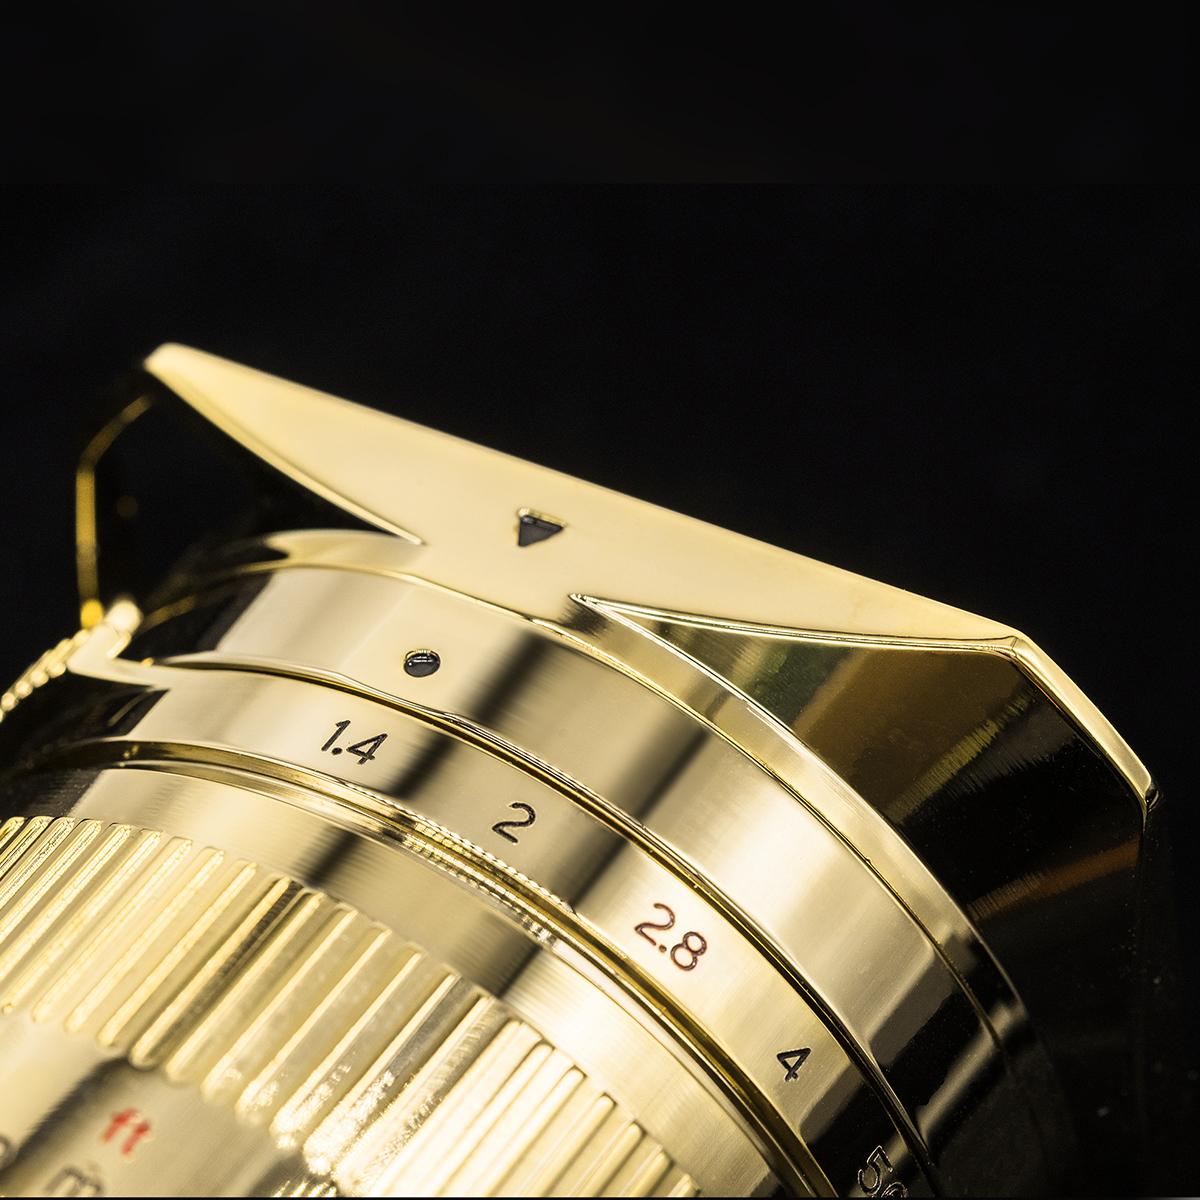 銘匠光学 TTArtisan 35mm f/1.4 ASPH Gold Edition